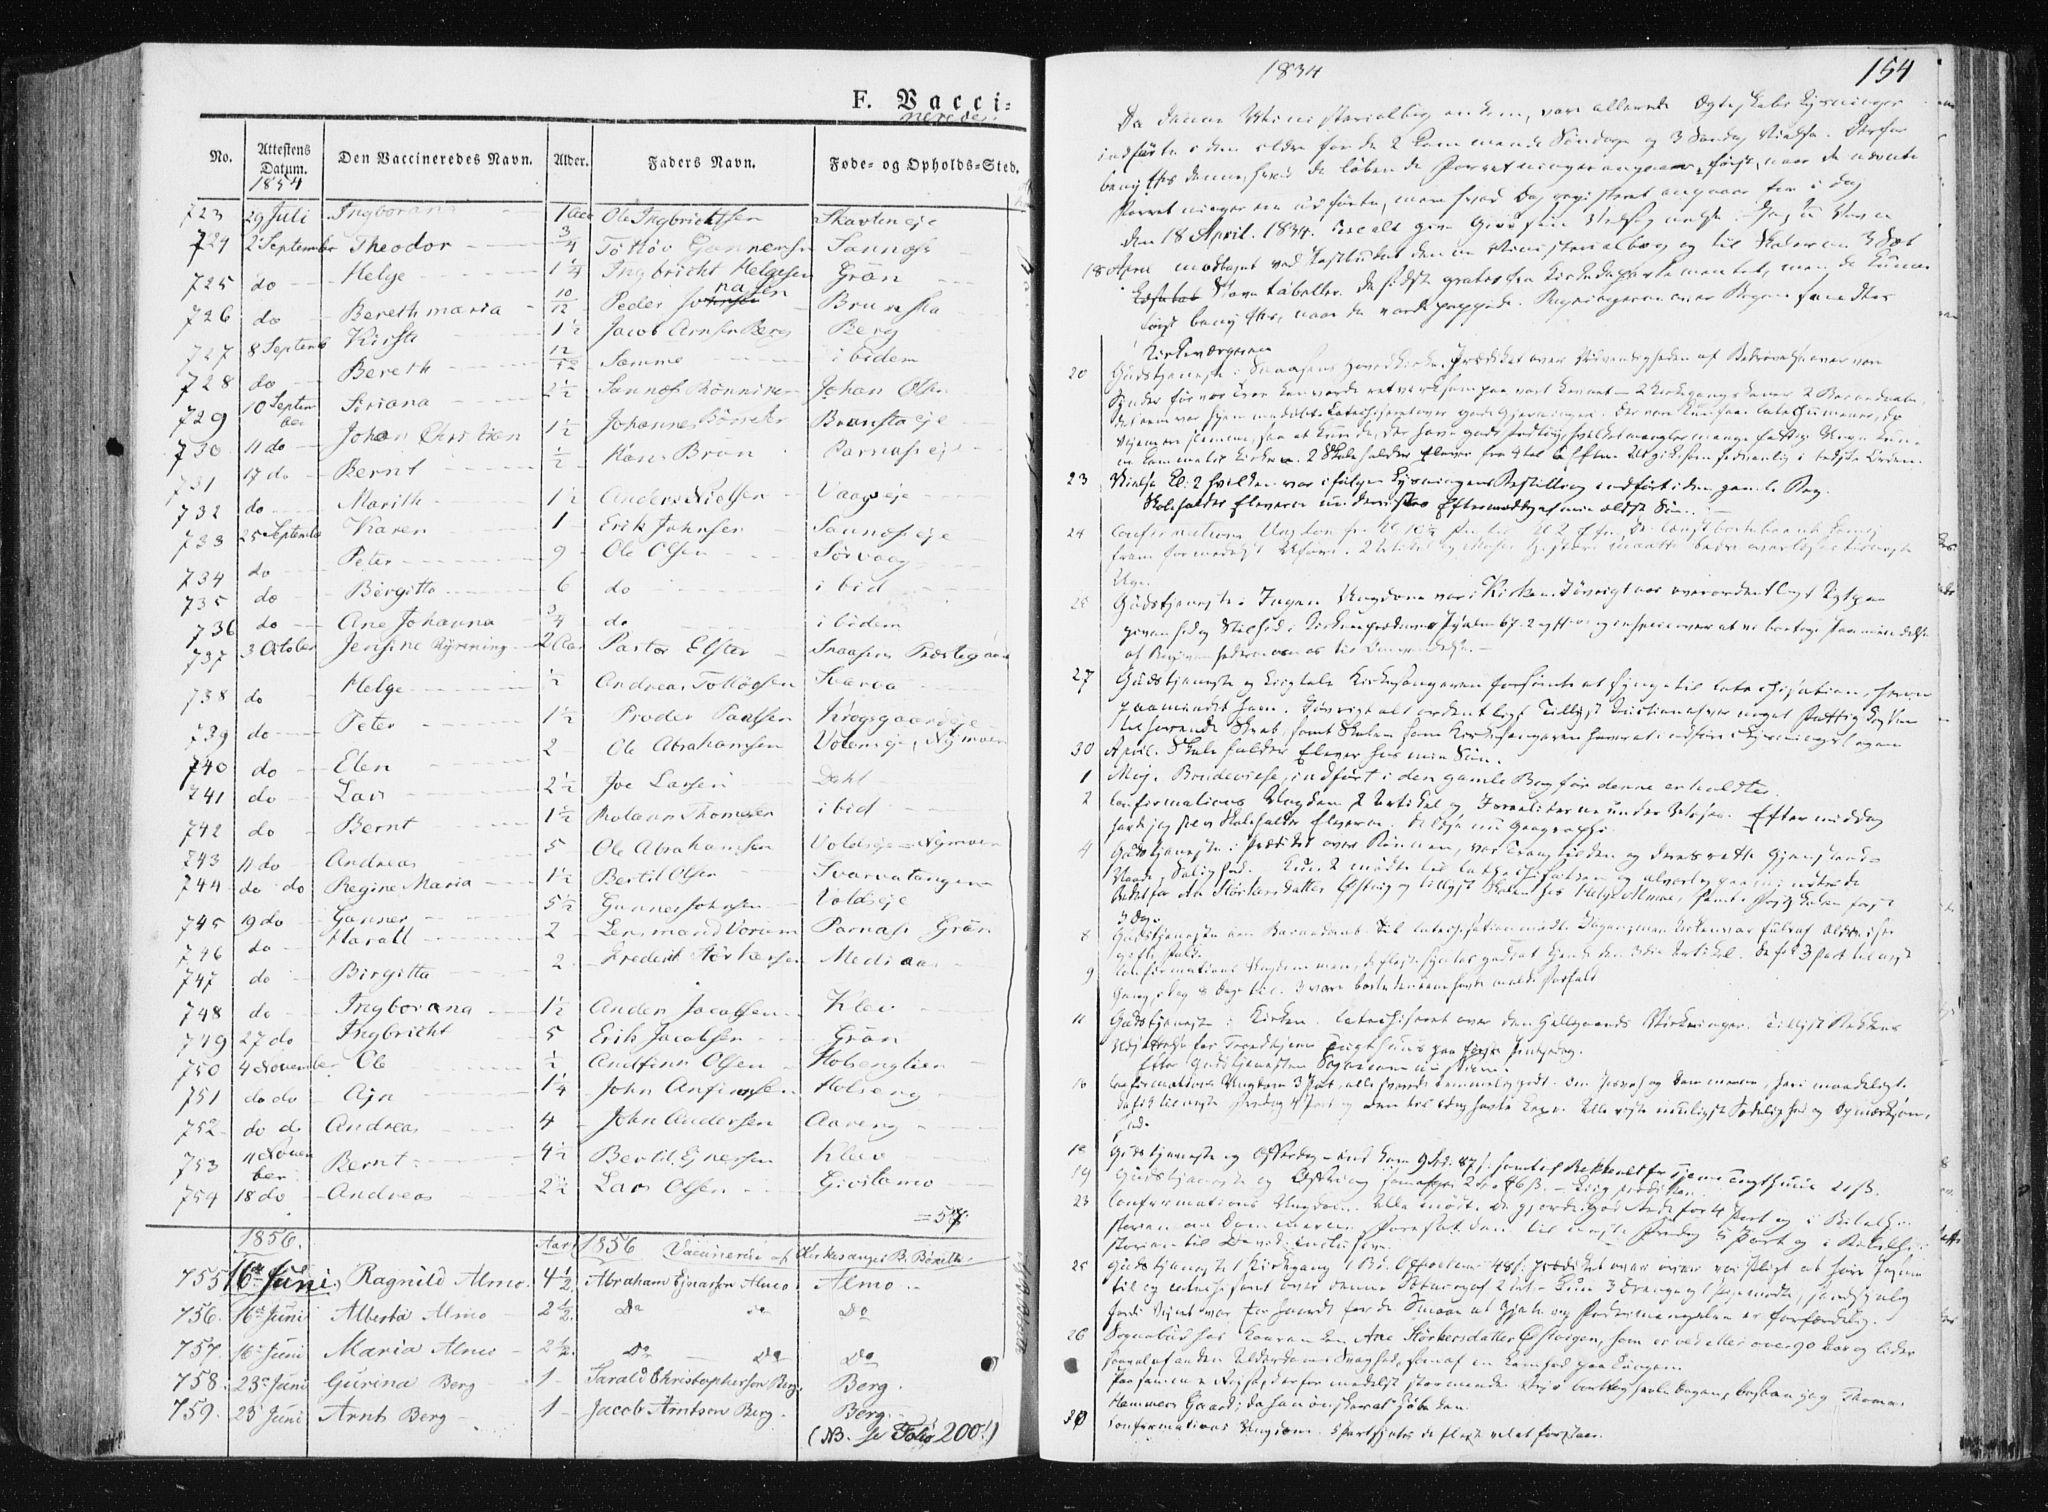 SAT, Ministerialprotokoller, klokkerbøker og fødselsregistre - Nord-Trøndelag, 749/L0470: Ministerialbok nr. 749A04, 1834-1853, s. 154